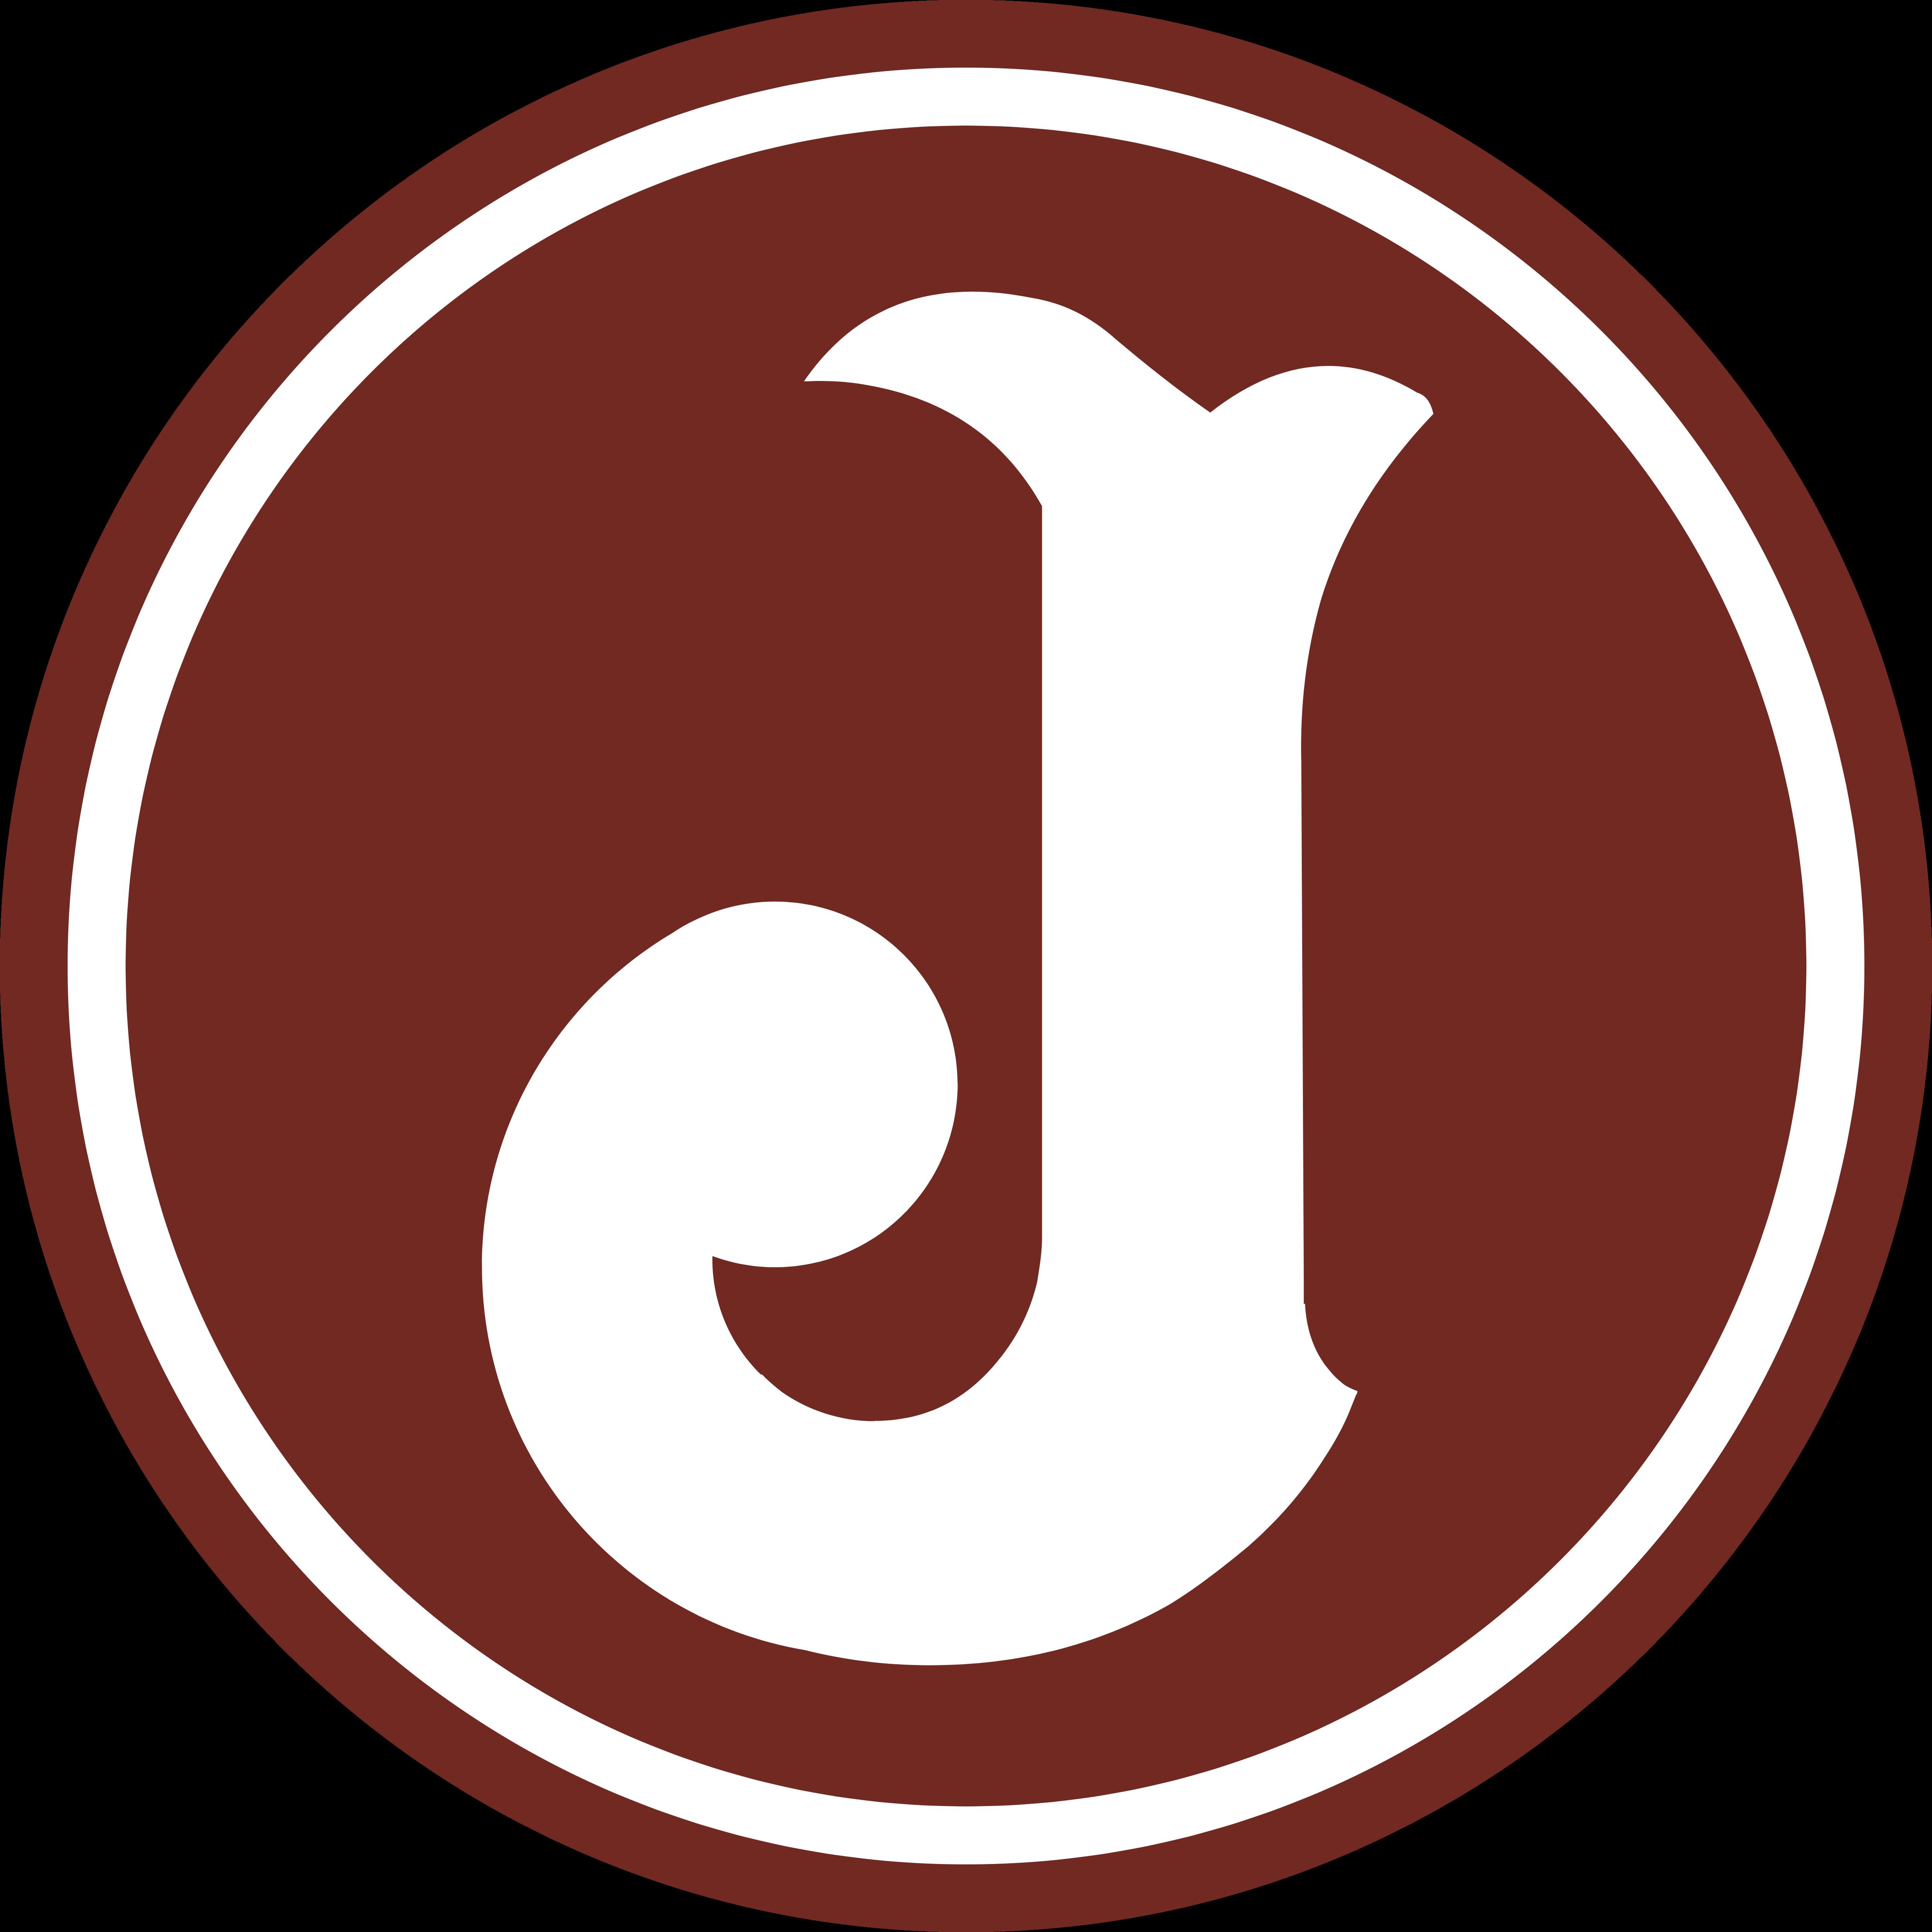 ca juventus logos download logos download